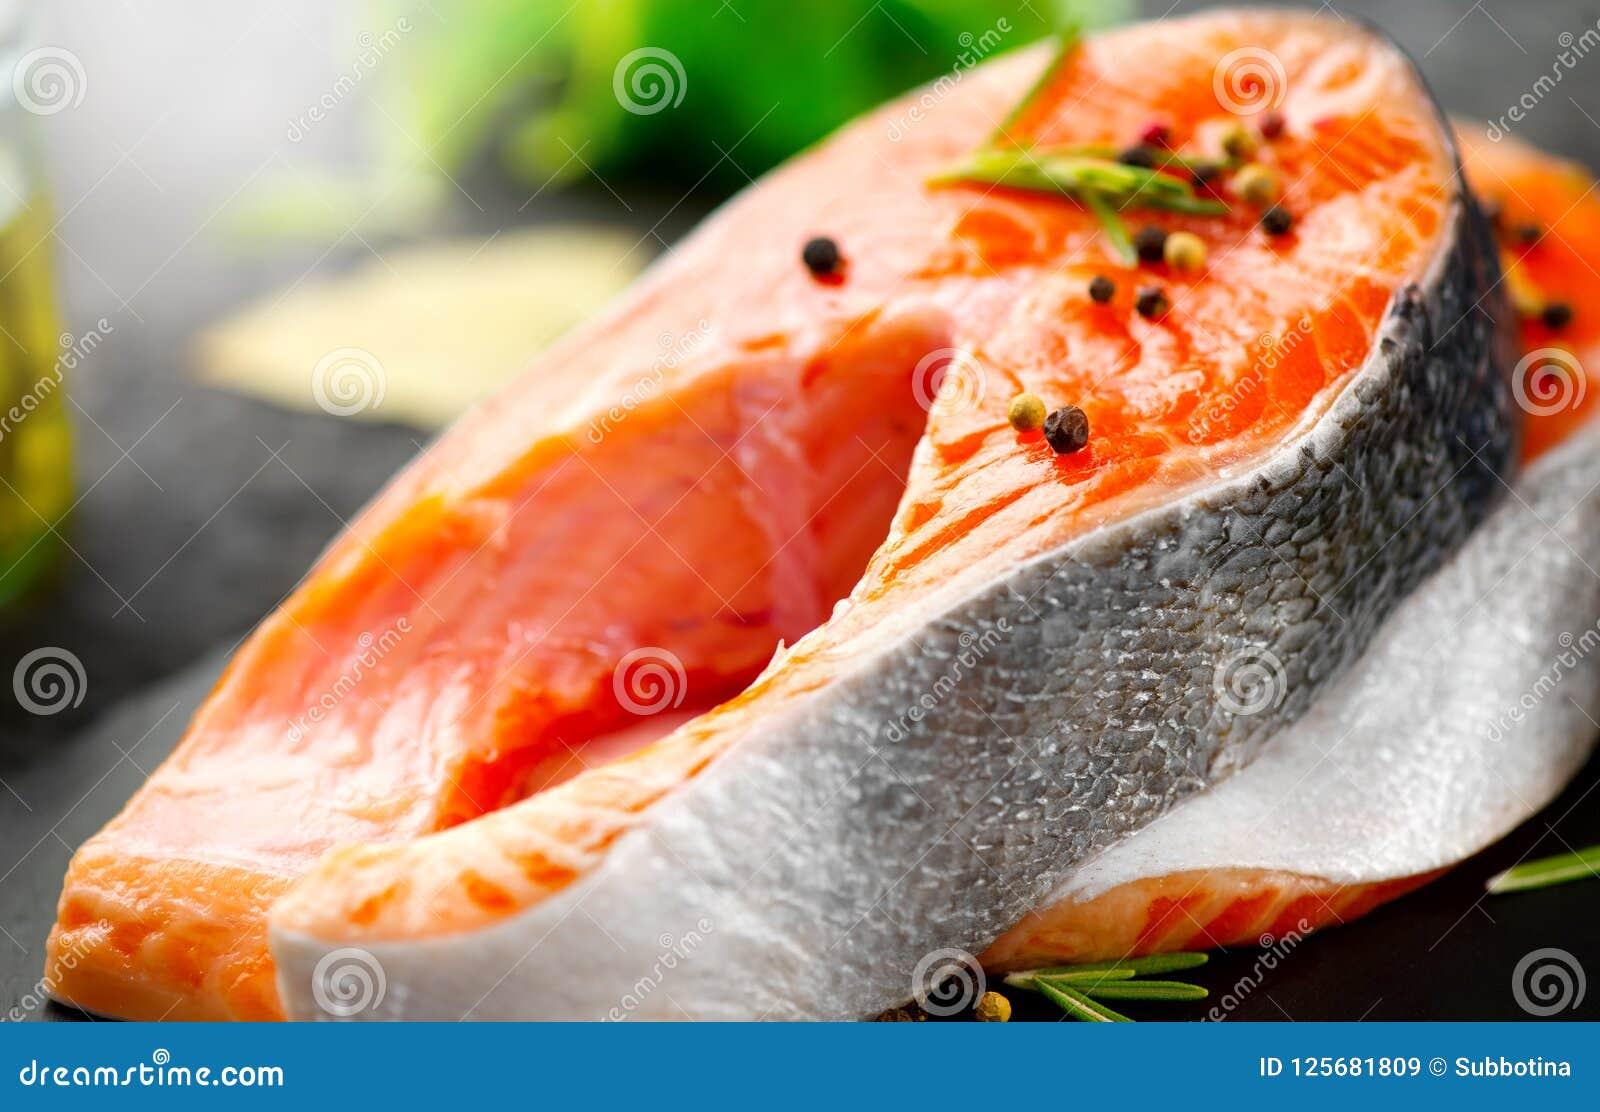 Lax Rå forellfiskbiff med örter och citronen på svart kritiserar bakgrund matlagning